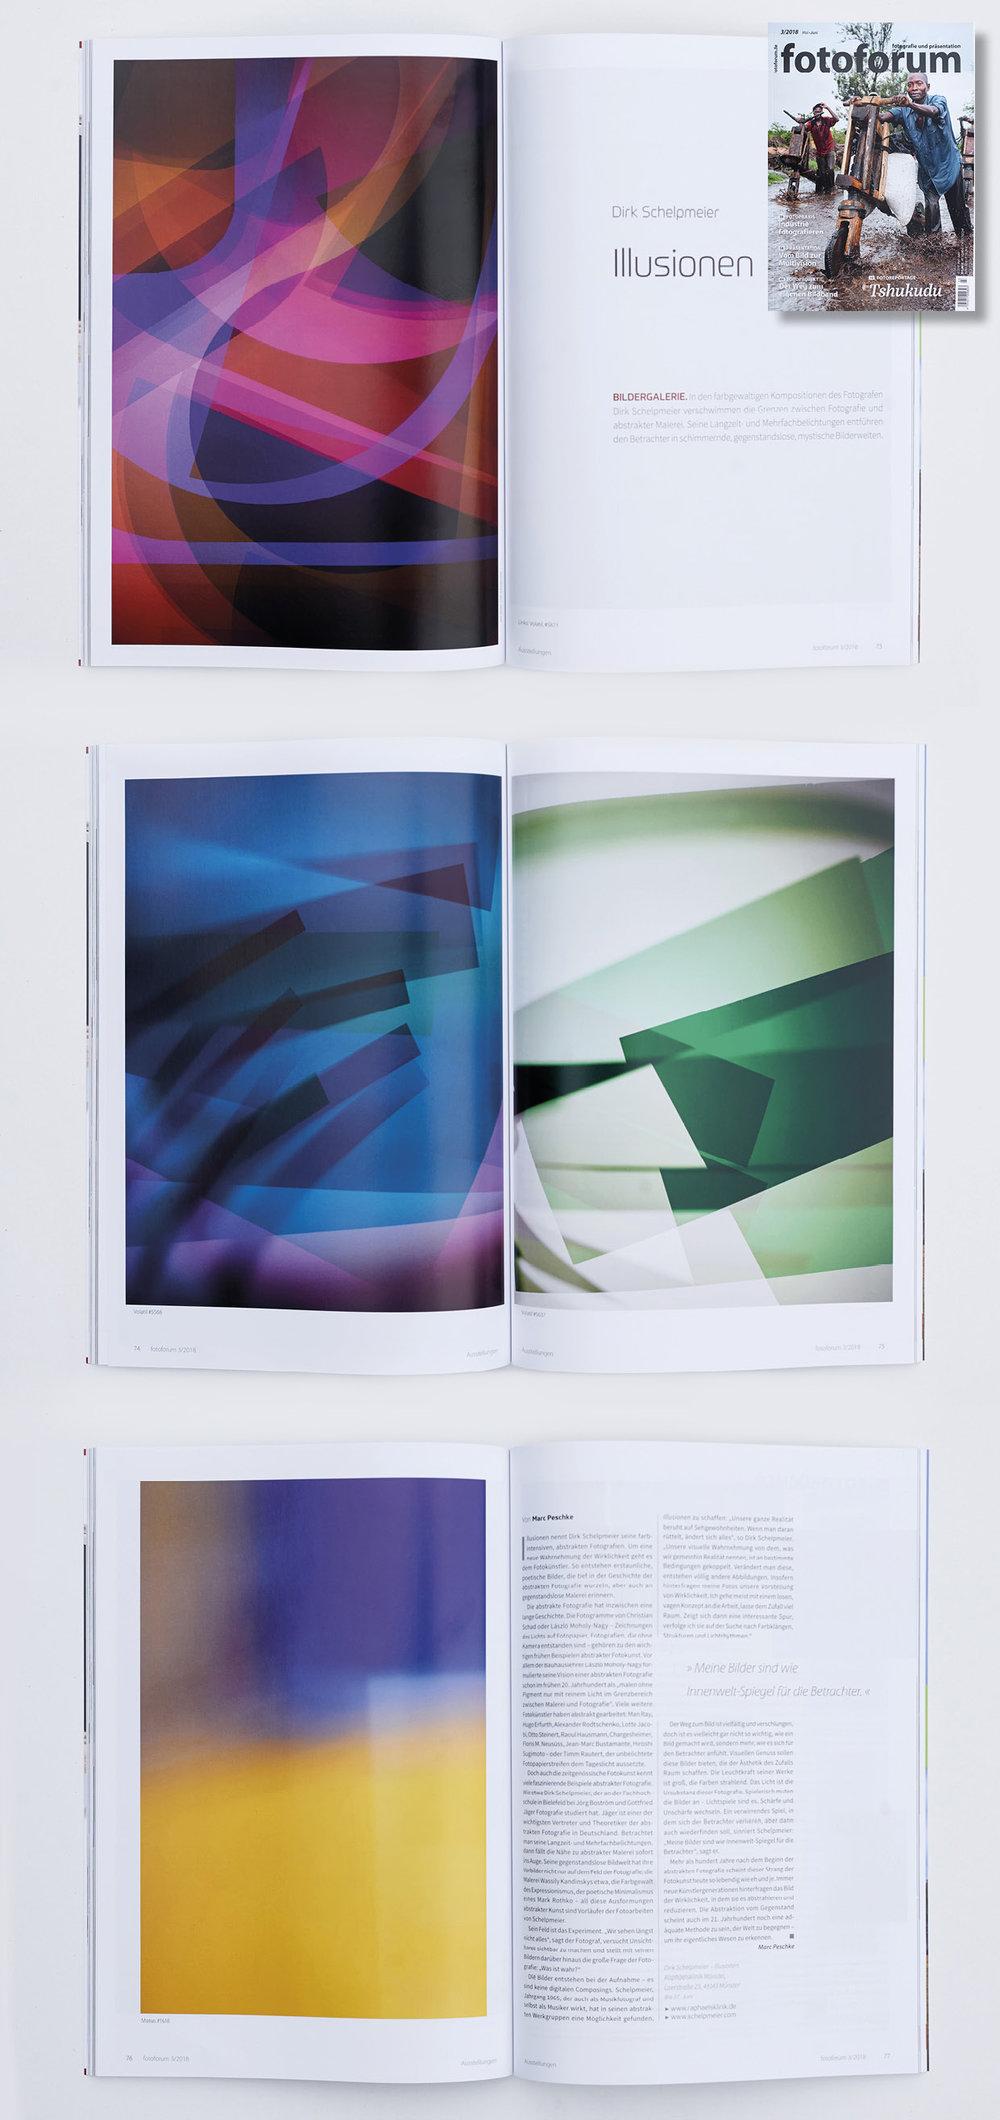 6-seitiger Bericht in der Zeitschrift   fotoforum  , Ausgabe Mai/Juni 2018